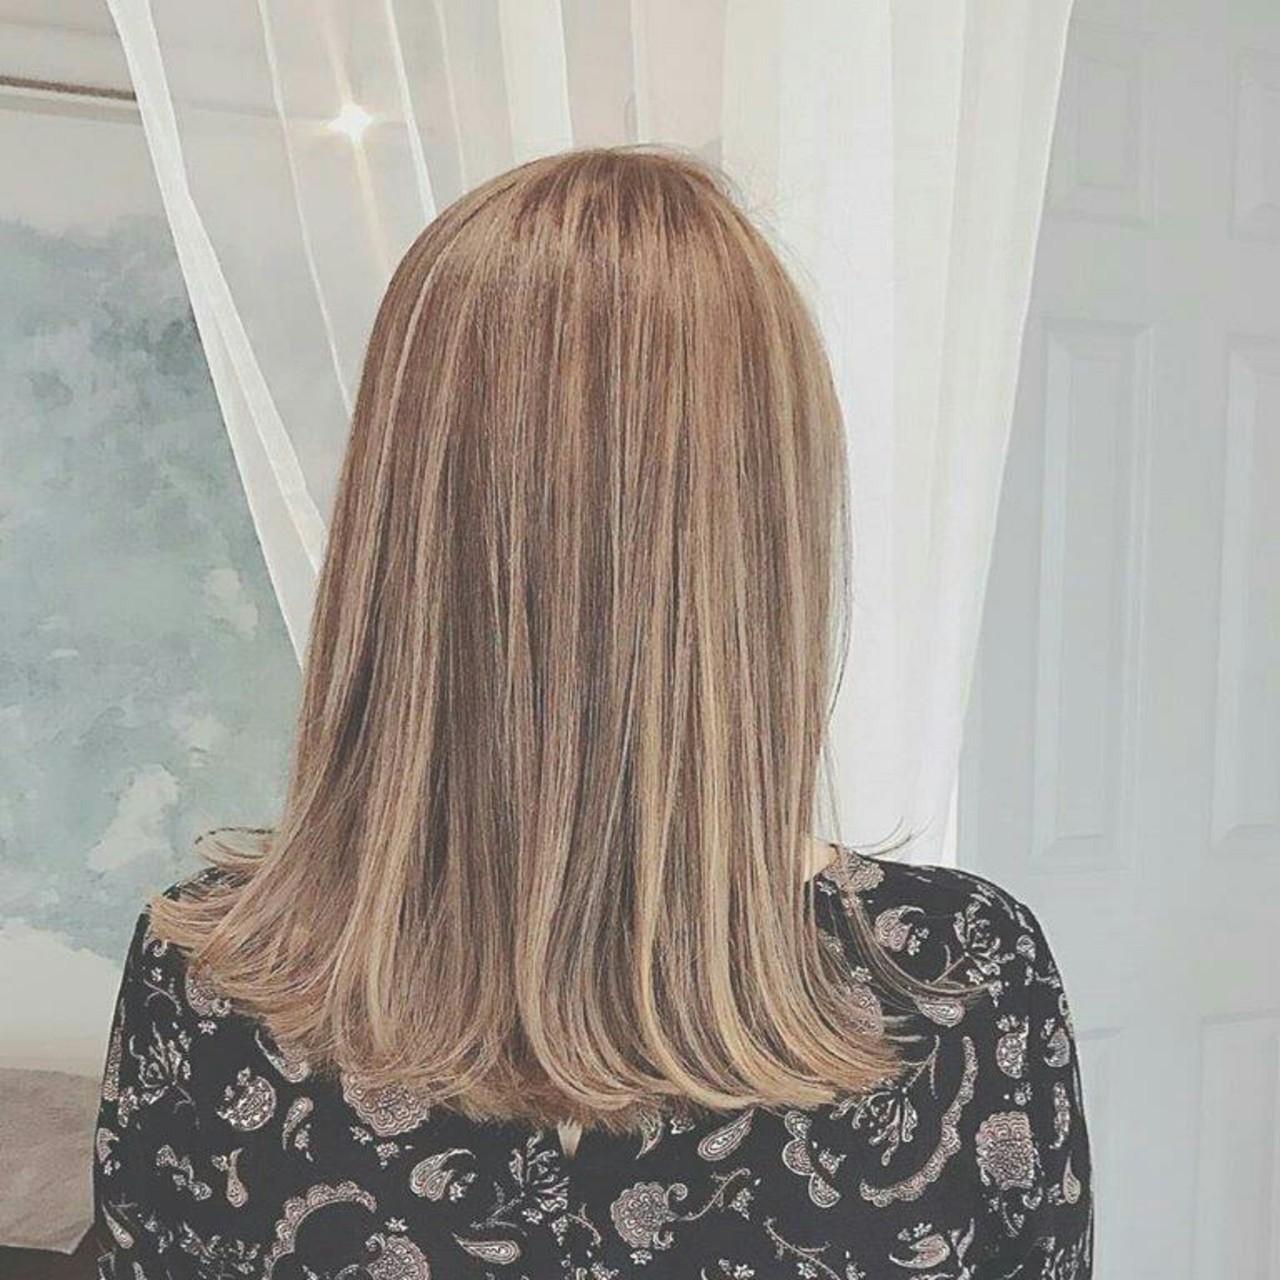 色気 外国人風 ハイライト 斜め前髪 ヘアスタイルや髪型の写真・画像